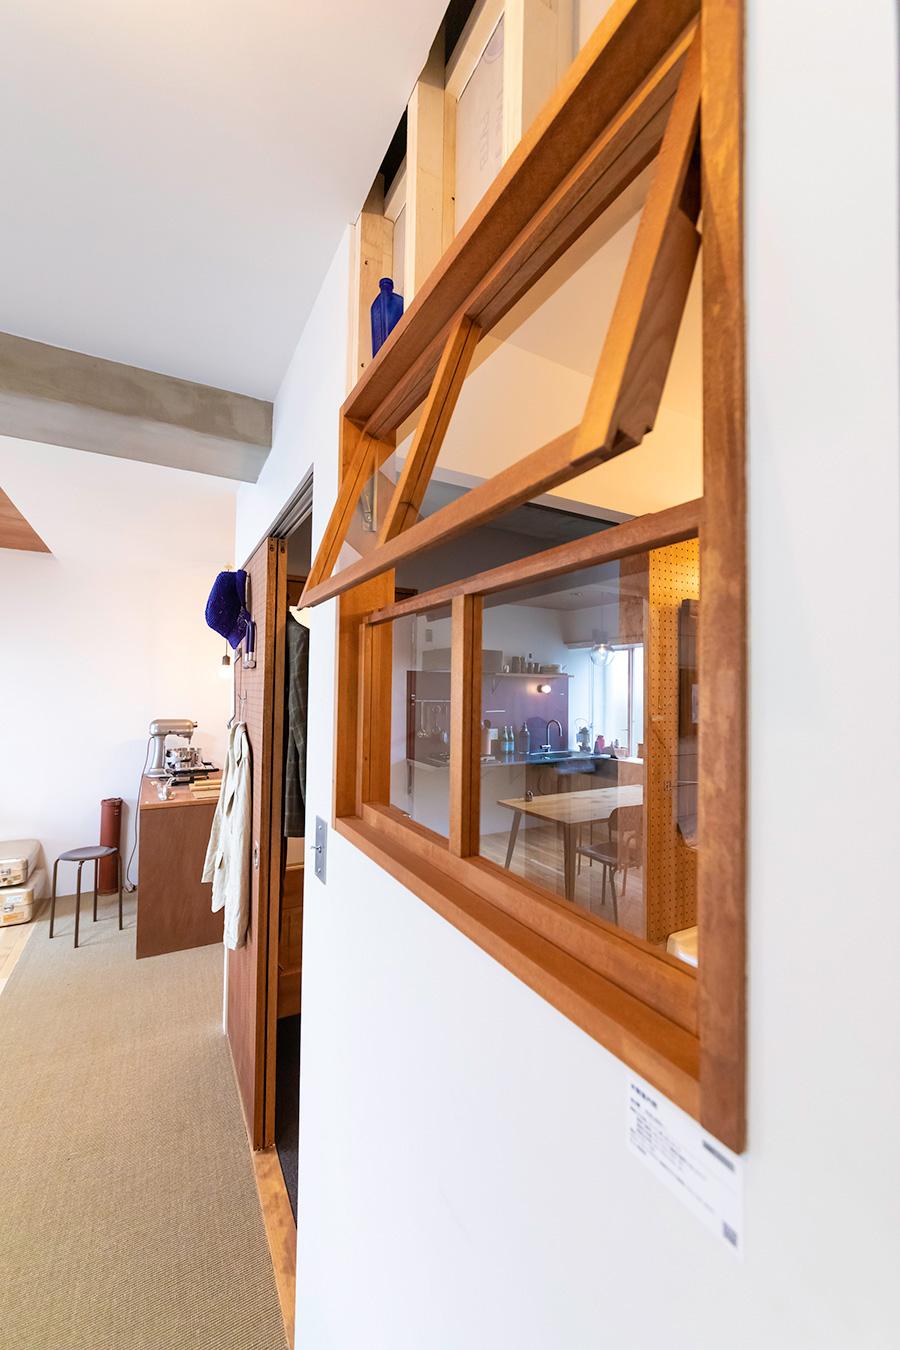 室内用の窓。部屋と部屋のつながりを感じさせるアイテムのひとつ。